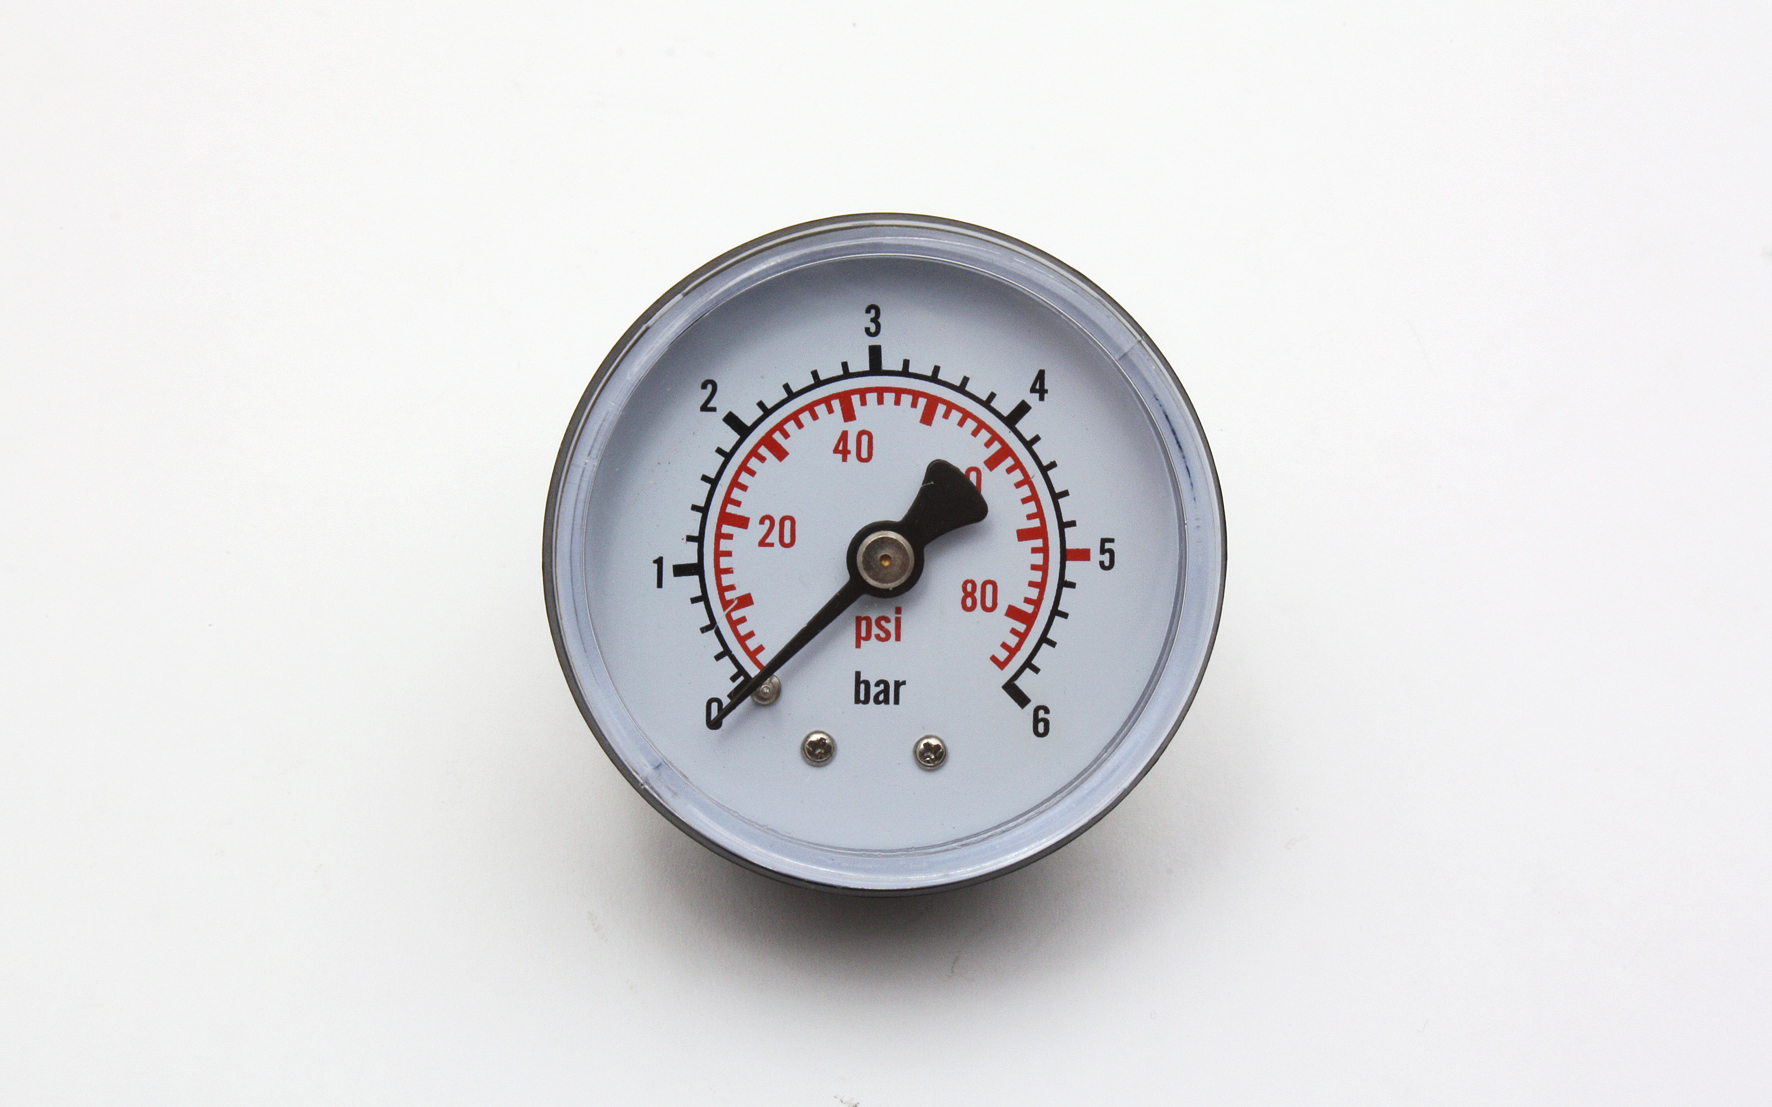 Bilde av 0-6 Bar, ø53 Mm Manometer